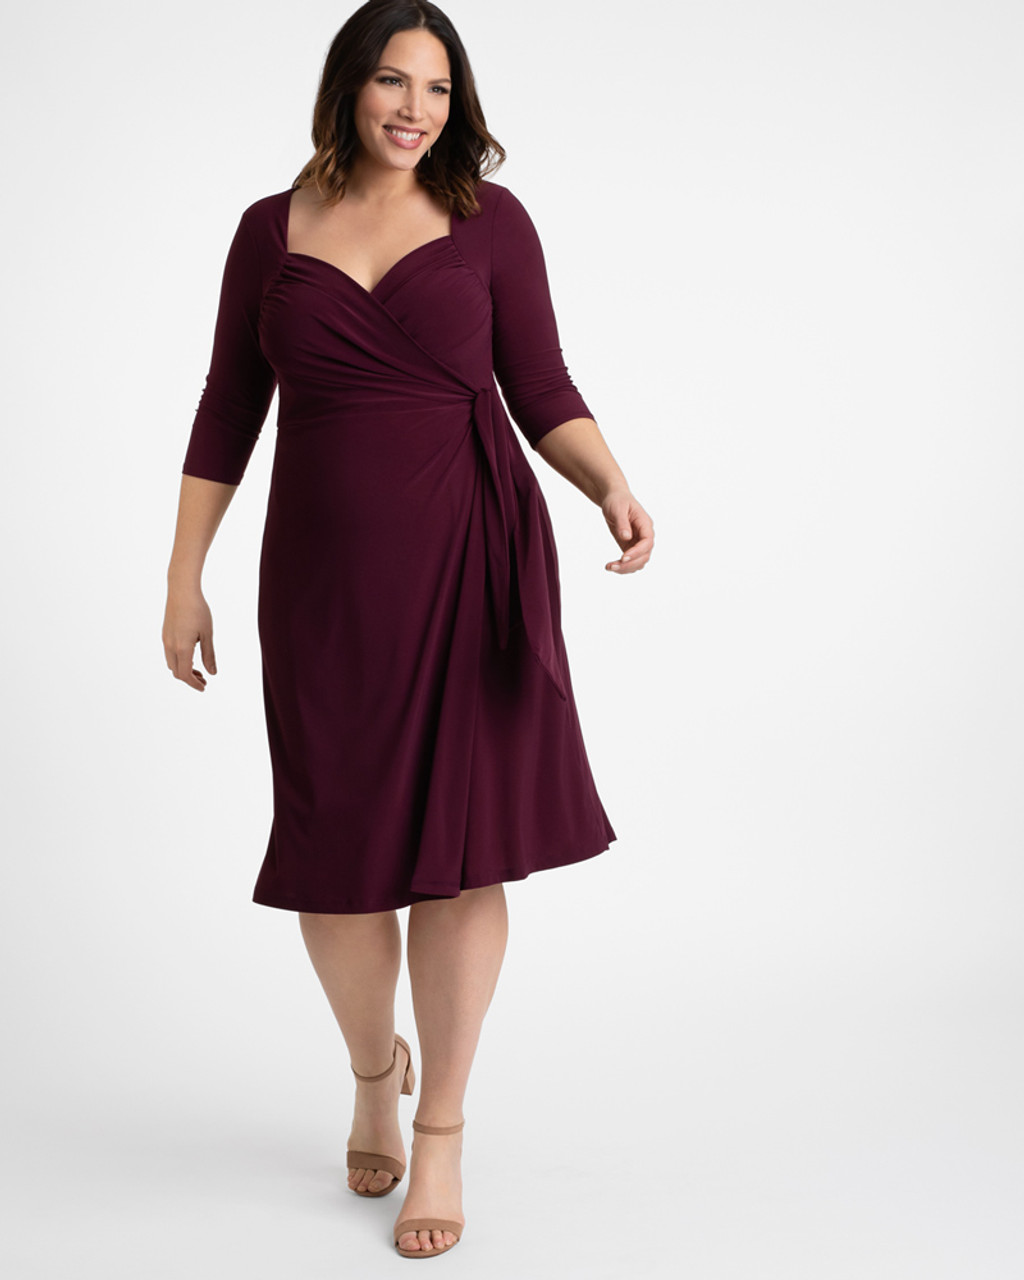 Plus Size Sweetheart Dress